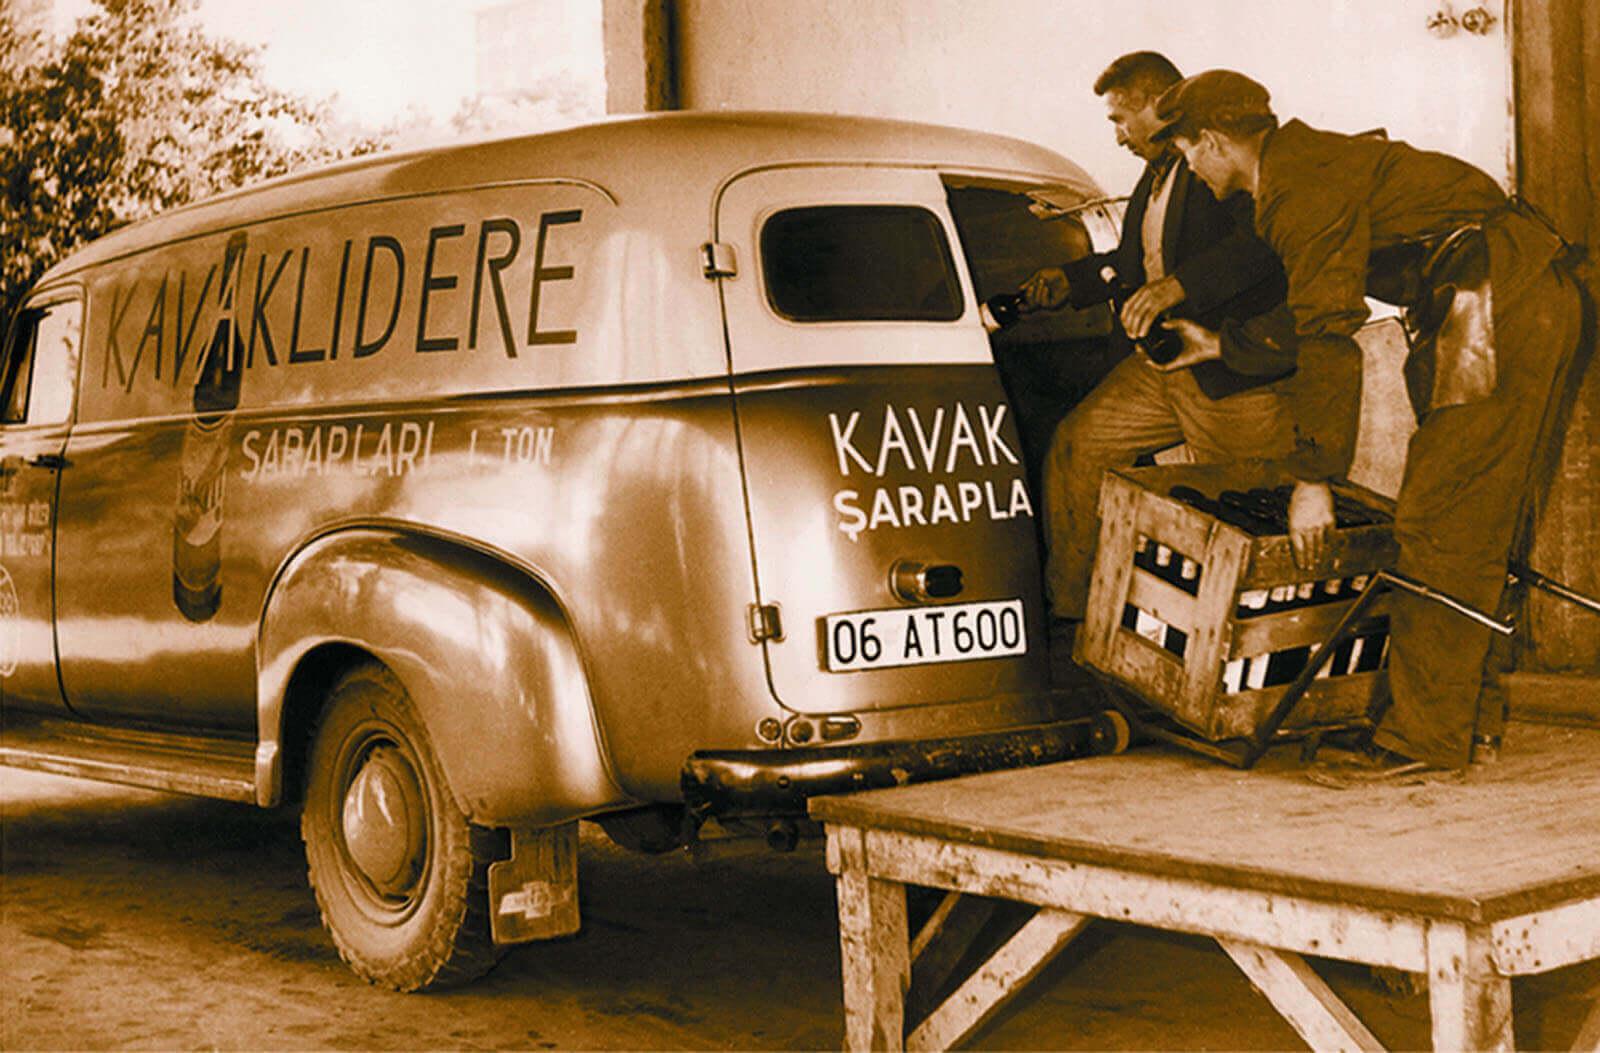 kavaklidere bestelwagen voor wijn